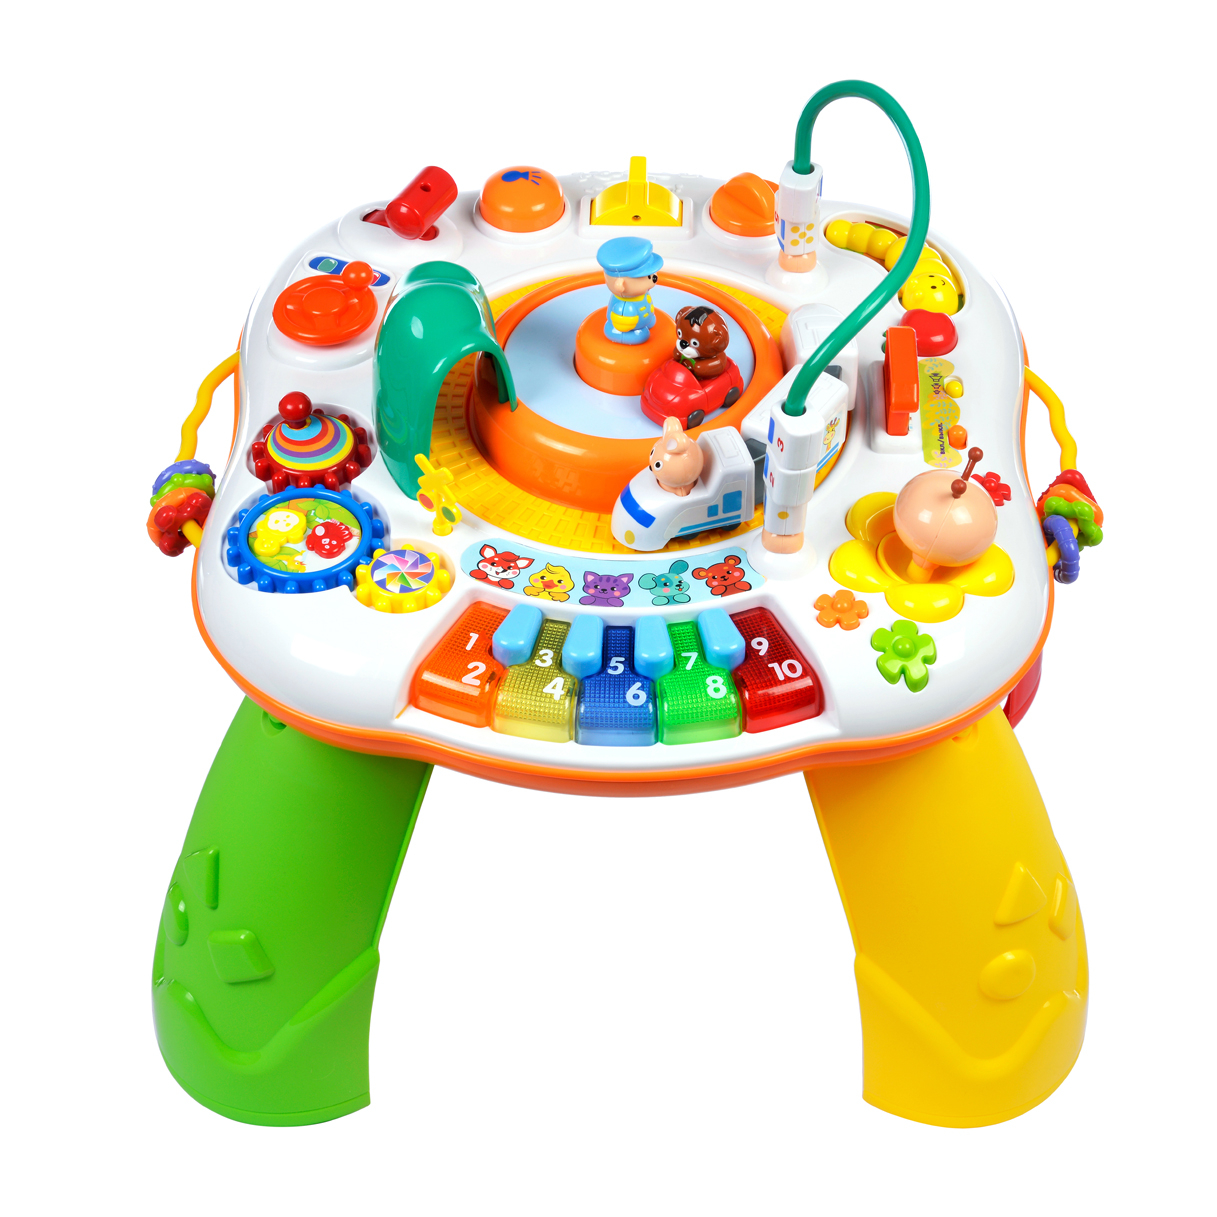 Купить Игровой столик, Мир приключений, 1шт., Жирафики 939493, Китай, Мультиколор